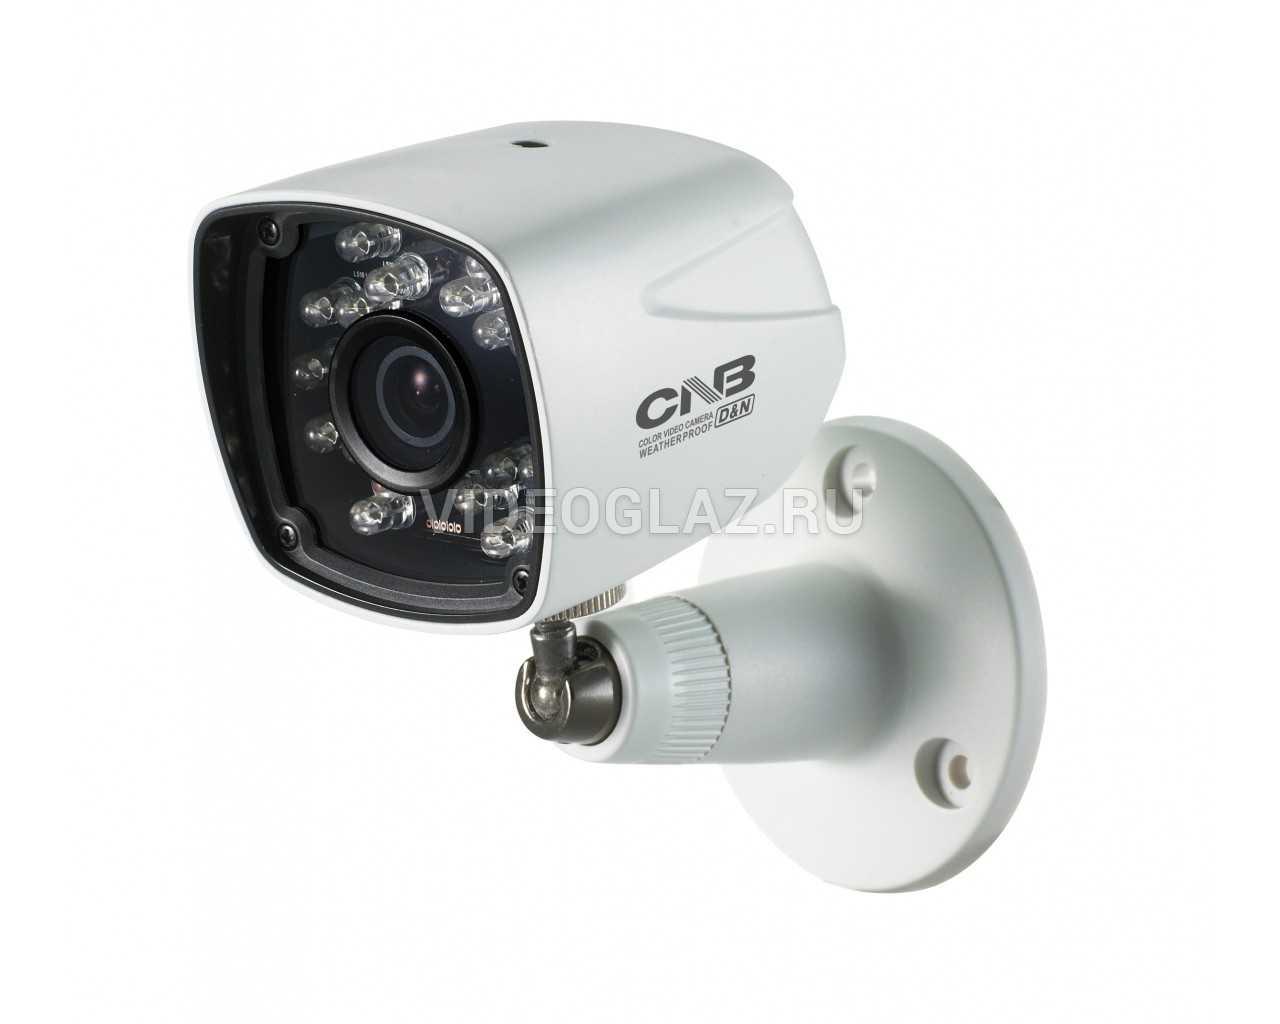 Видеокамера CNB-XBK-51S